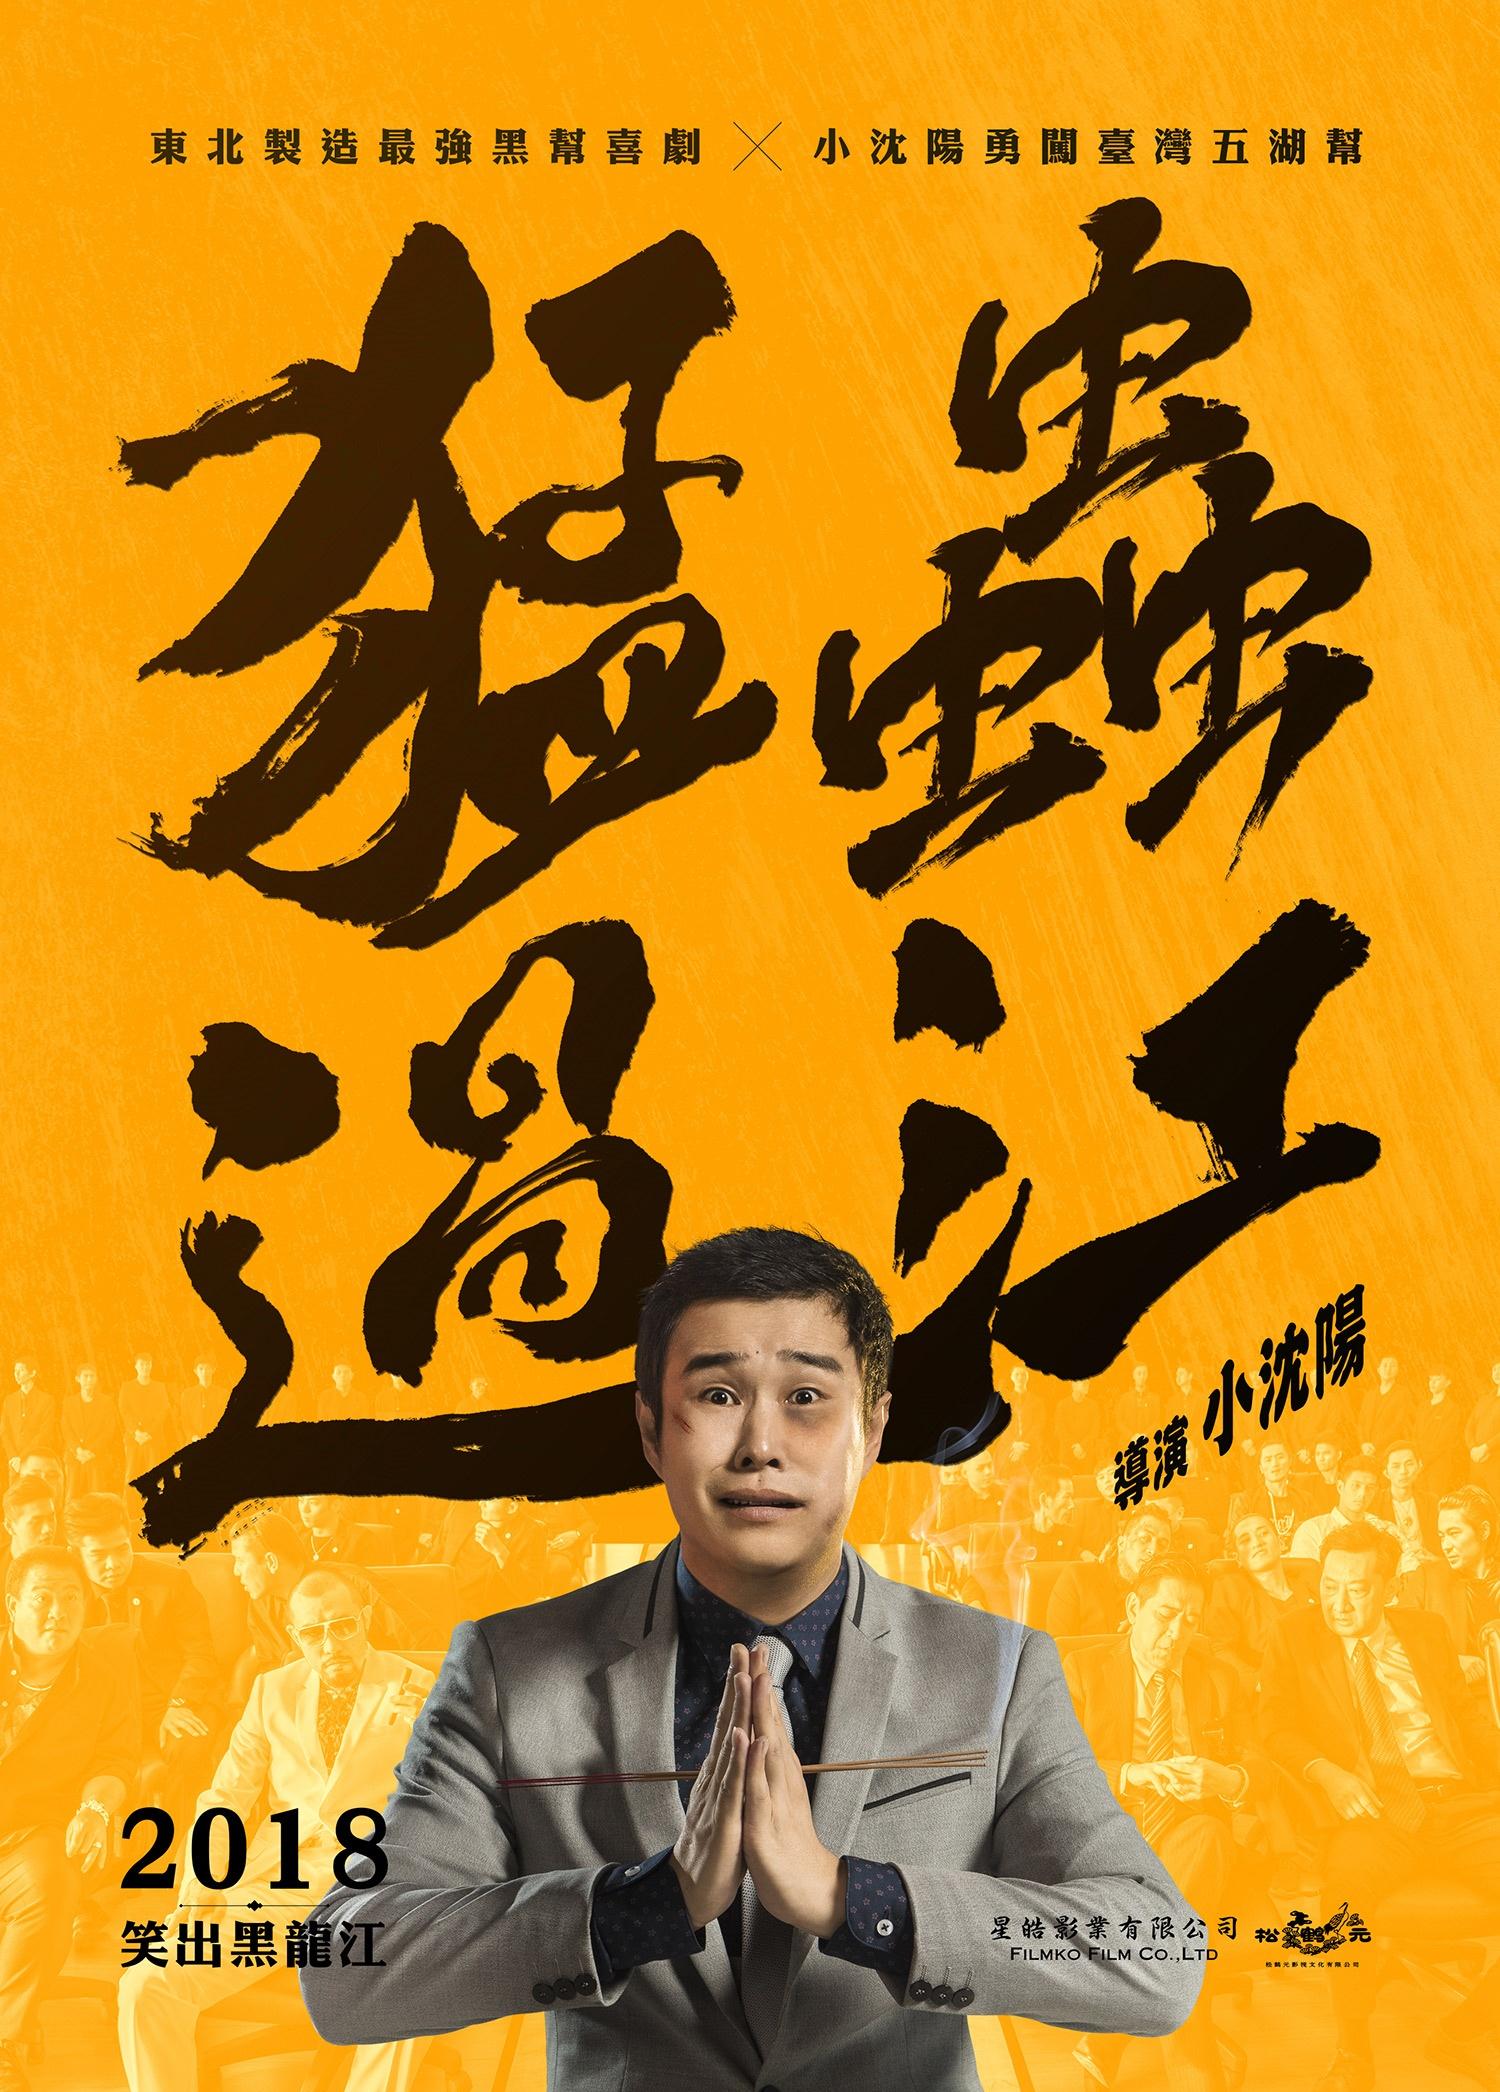 《猛虫过江》定档暑期 小沈阳导演处女作笑出东北